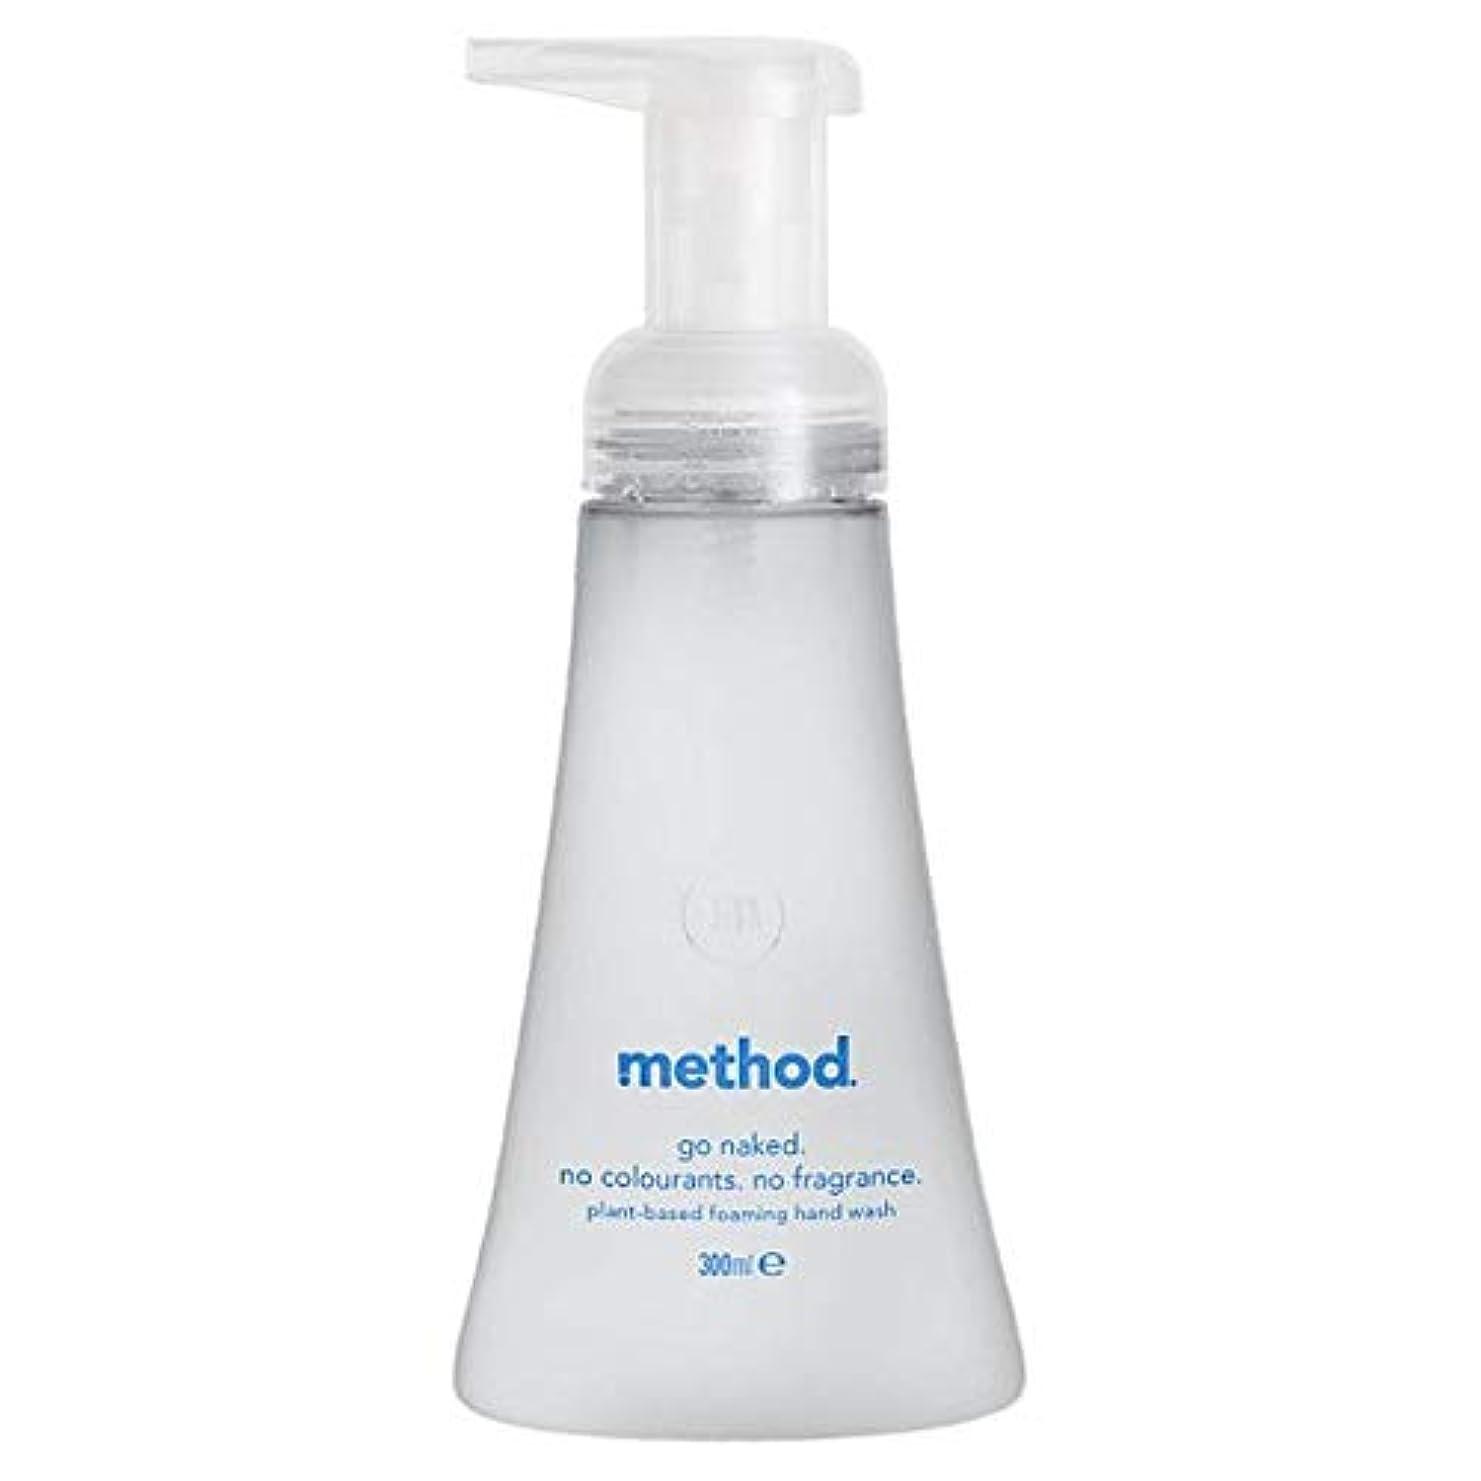 受け入れ改善くぼみ[Method ] メソッド裸発泡手洗いの300ミリリットル - Method Naked Foaming Handwash 300Ml [並行輸入品]